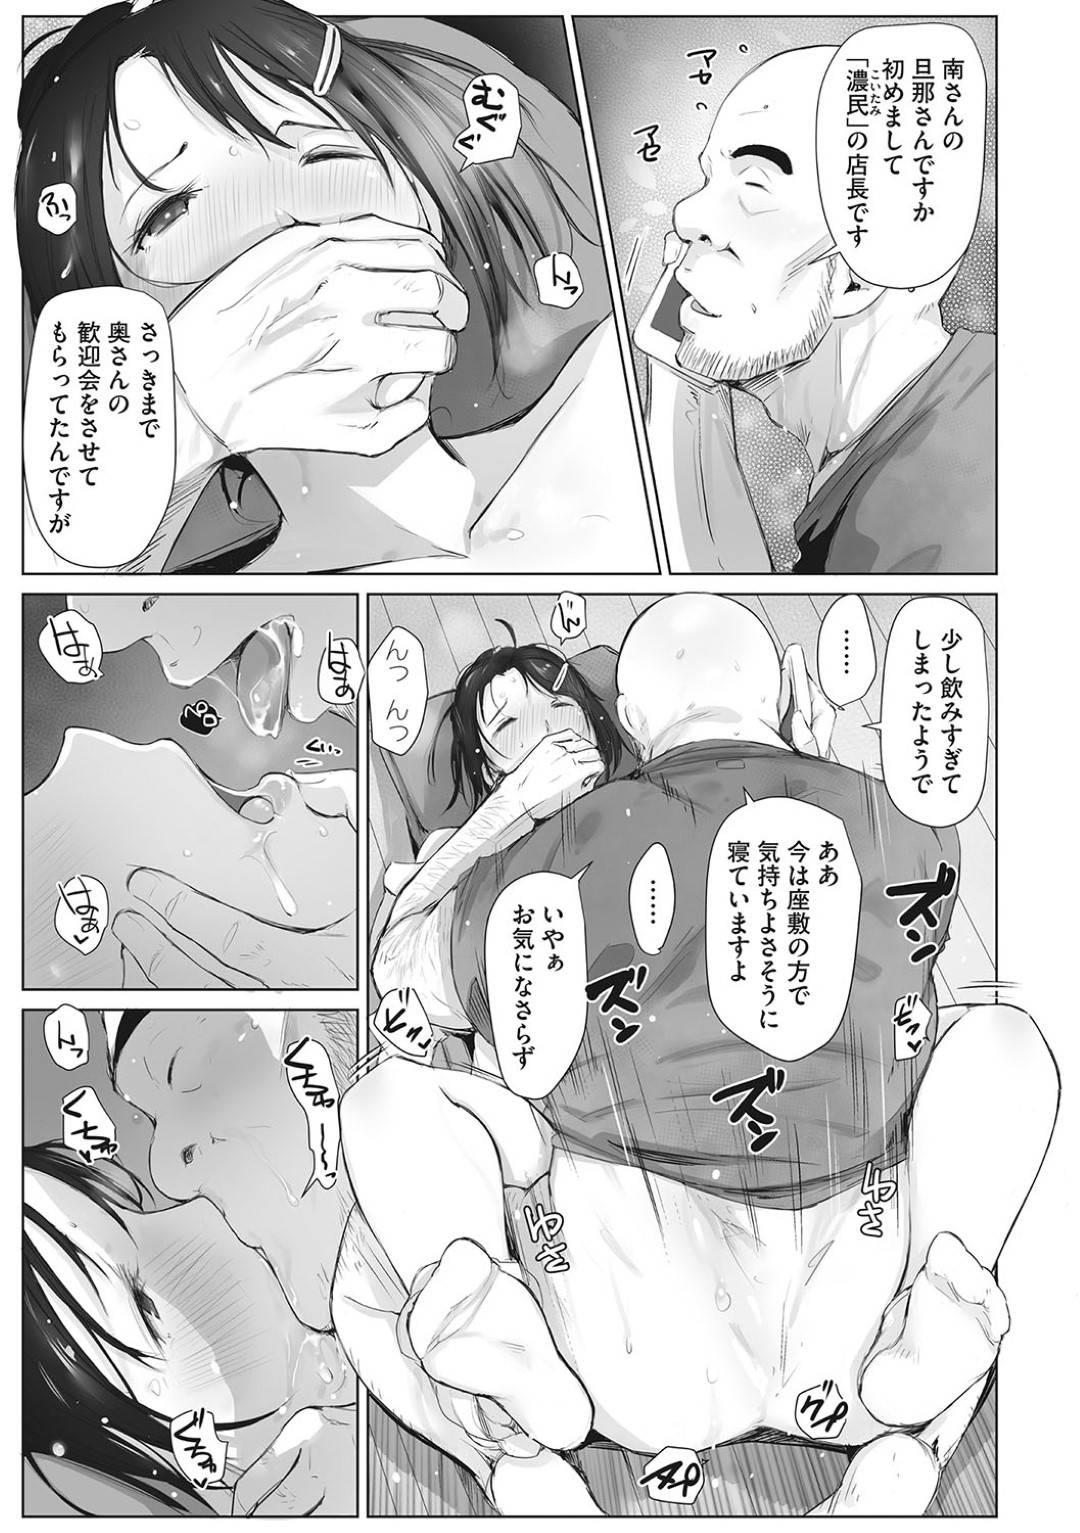 【エロ漫画】泥酔しているところを居酒屋の店長に襲われる巨乳OL…抵抗する事ができない彼女はされるがままにパイズリやフェラをさせられた挙げ句、中出しセックスまでさせられる!【あらくれ:南さんはお酒に弱い】